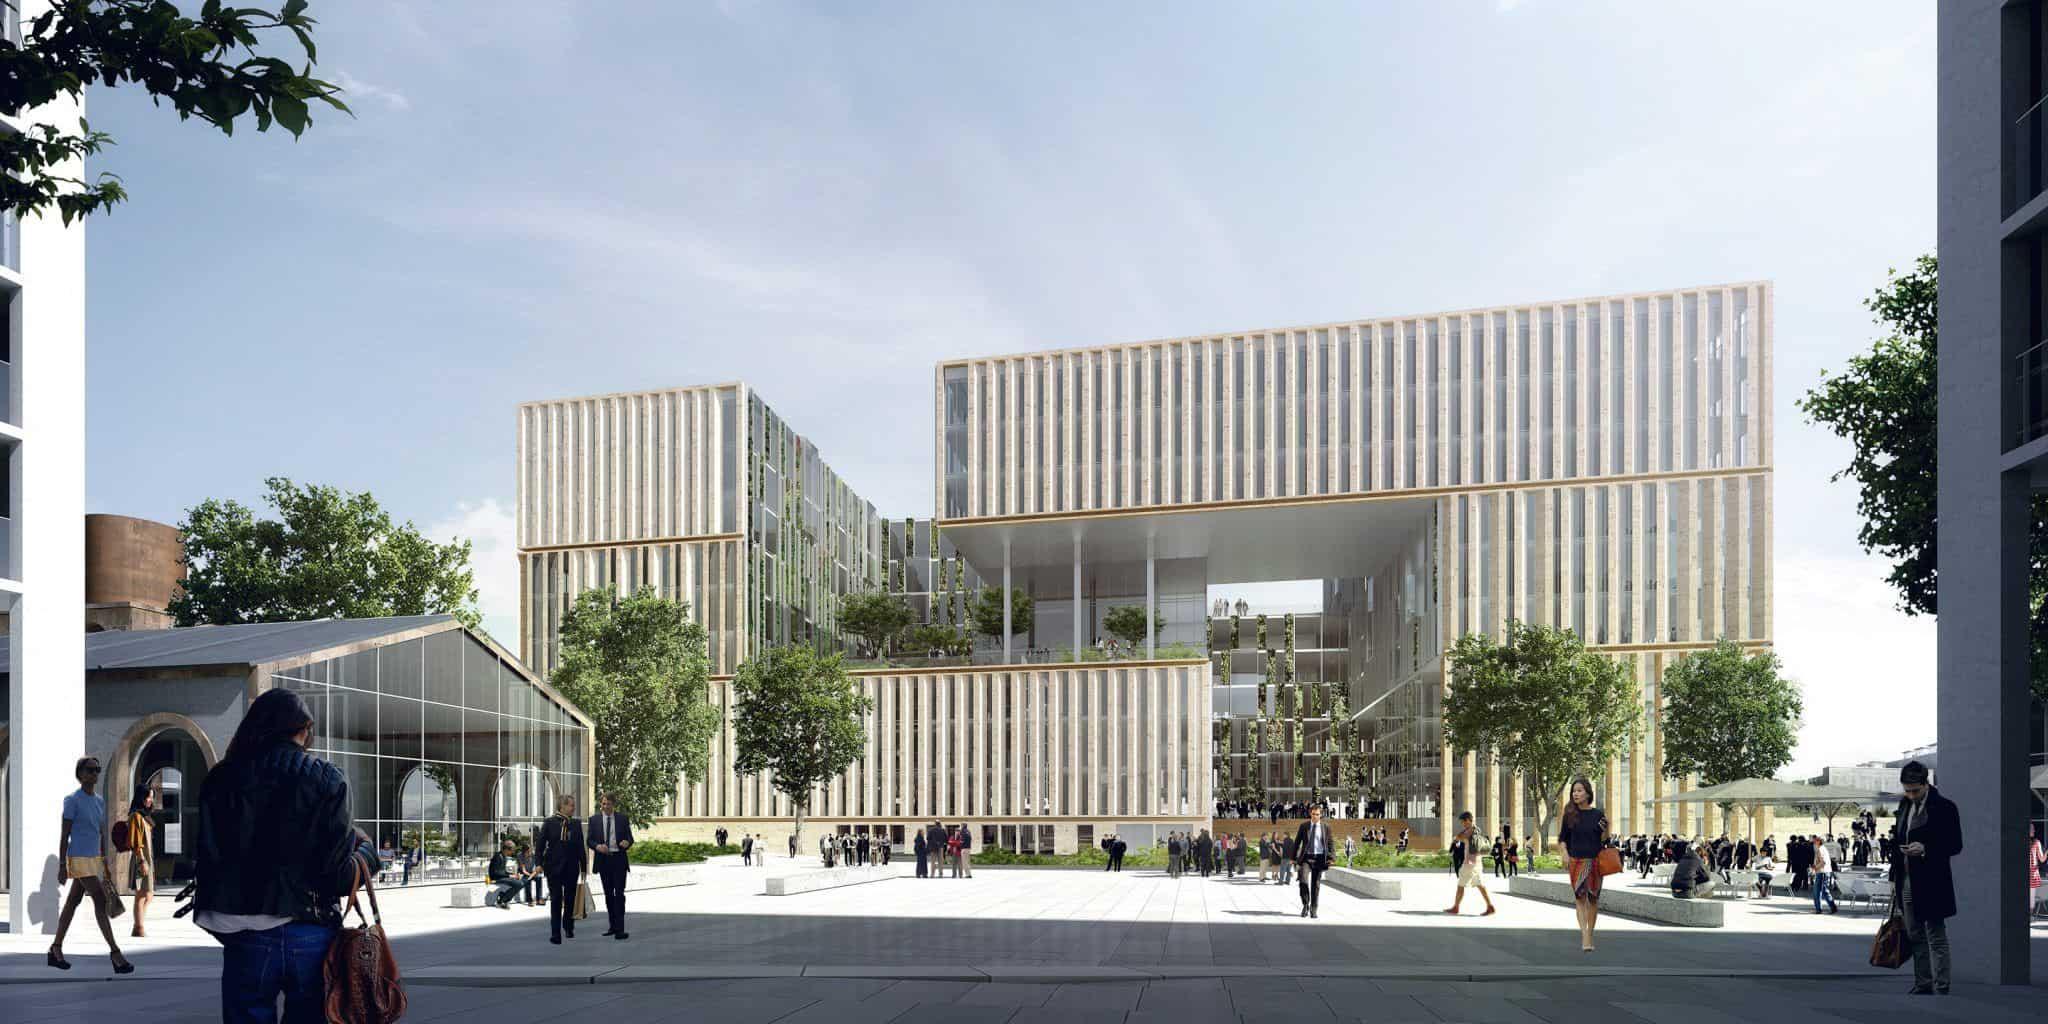 Immeuble de bureaux secteur Amédée Saint Germain, Bordeaux - DVVD